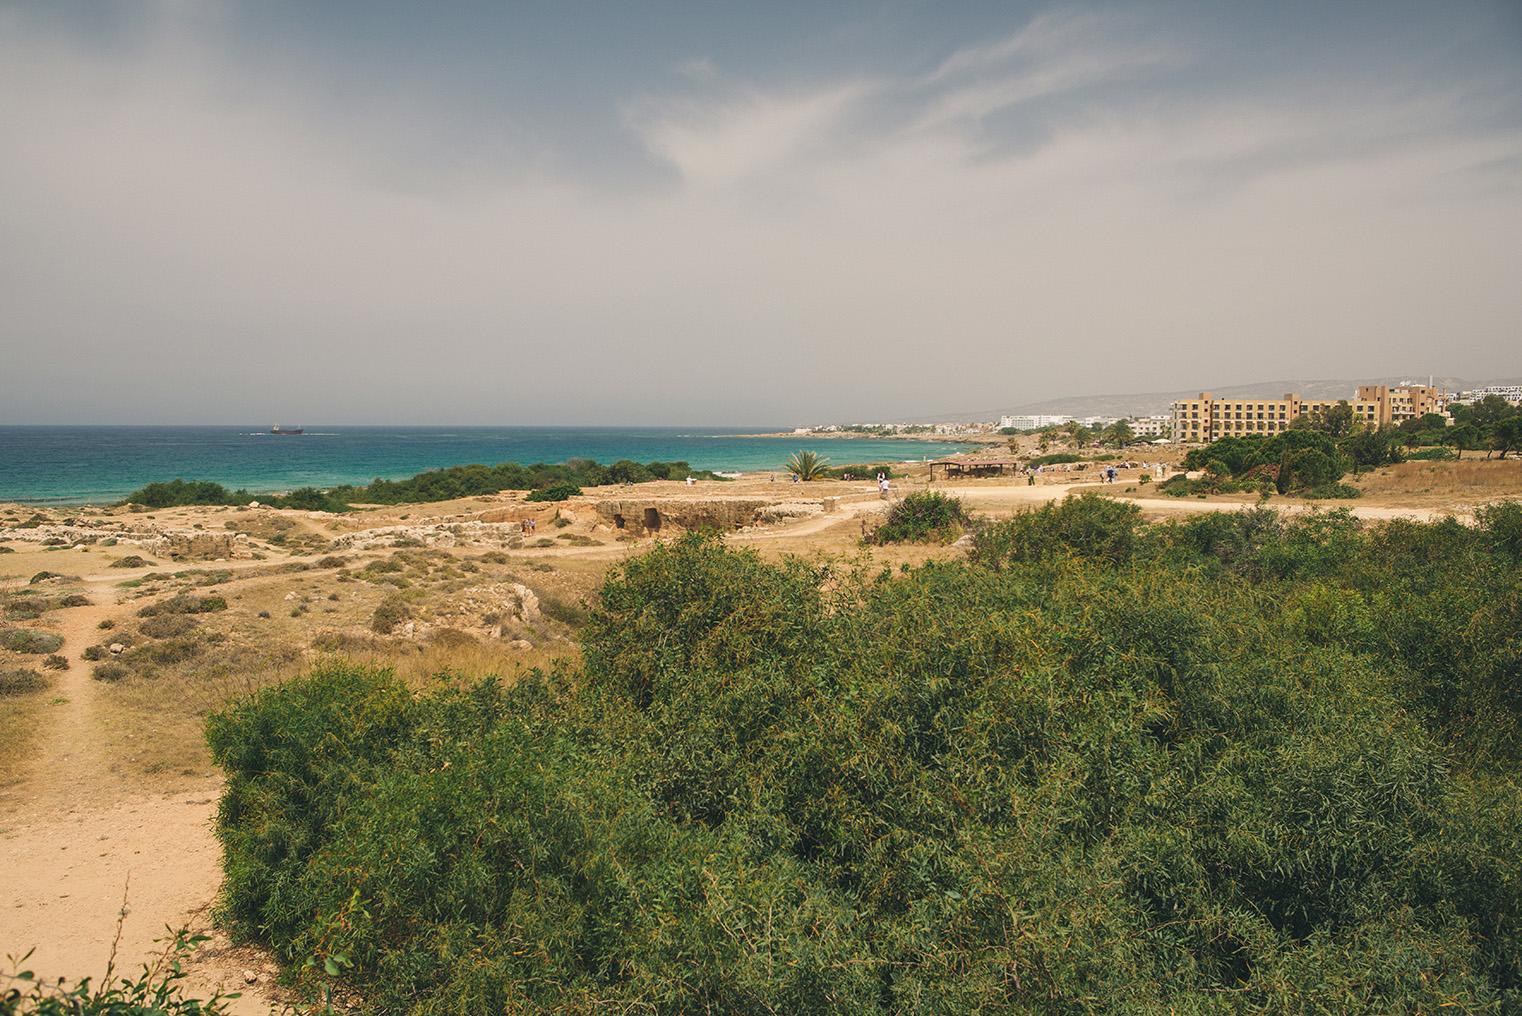 03.Groby Krolewskie Pafos - Cypr - podroz z dzieckiem